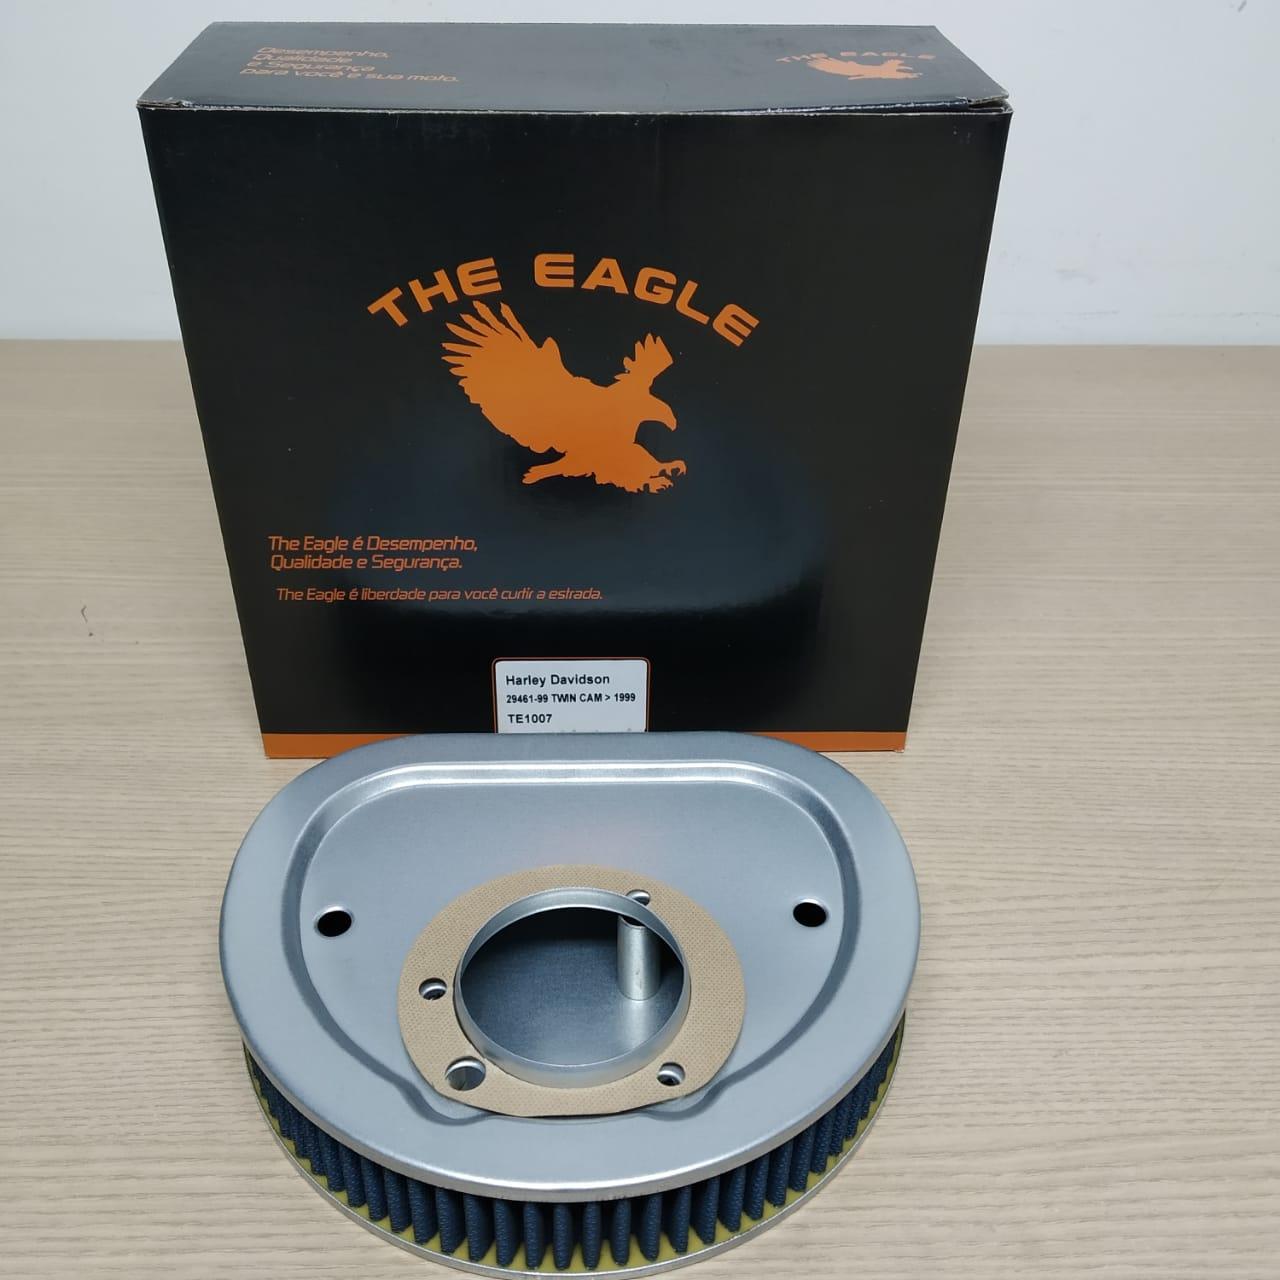 REPOR TE 1007 - Filtro De Ar The Eagle Hd Softail 1999 à 2015 - 016/97809